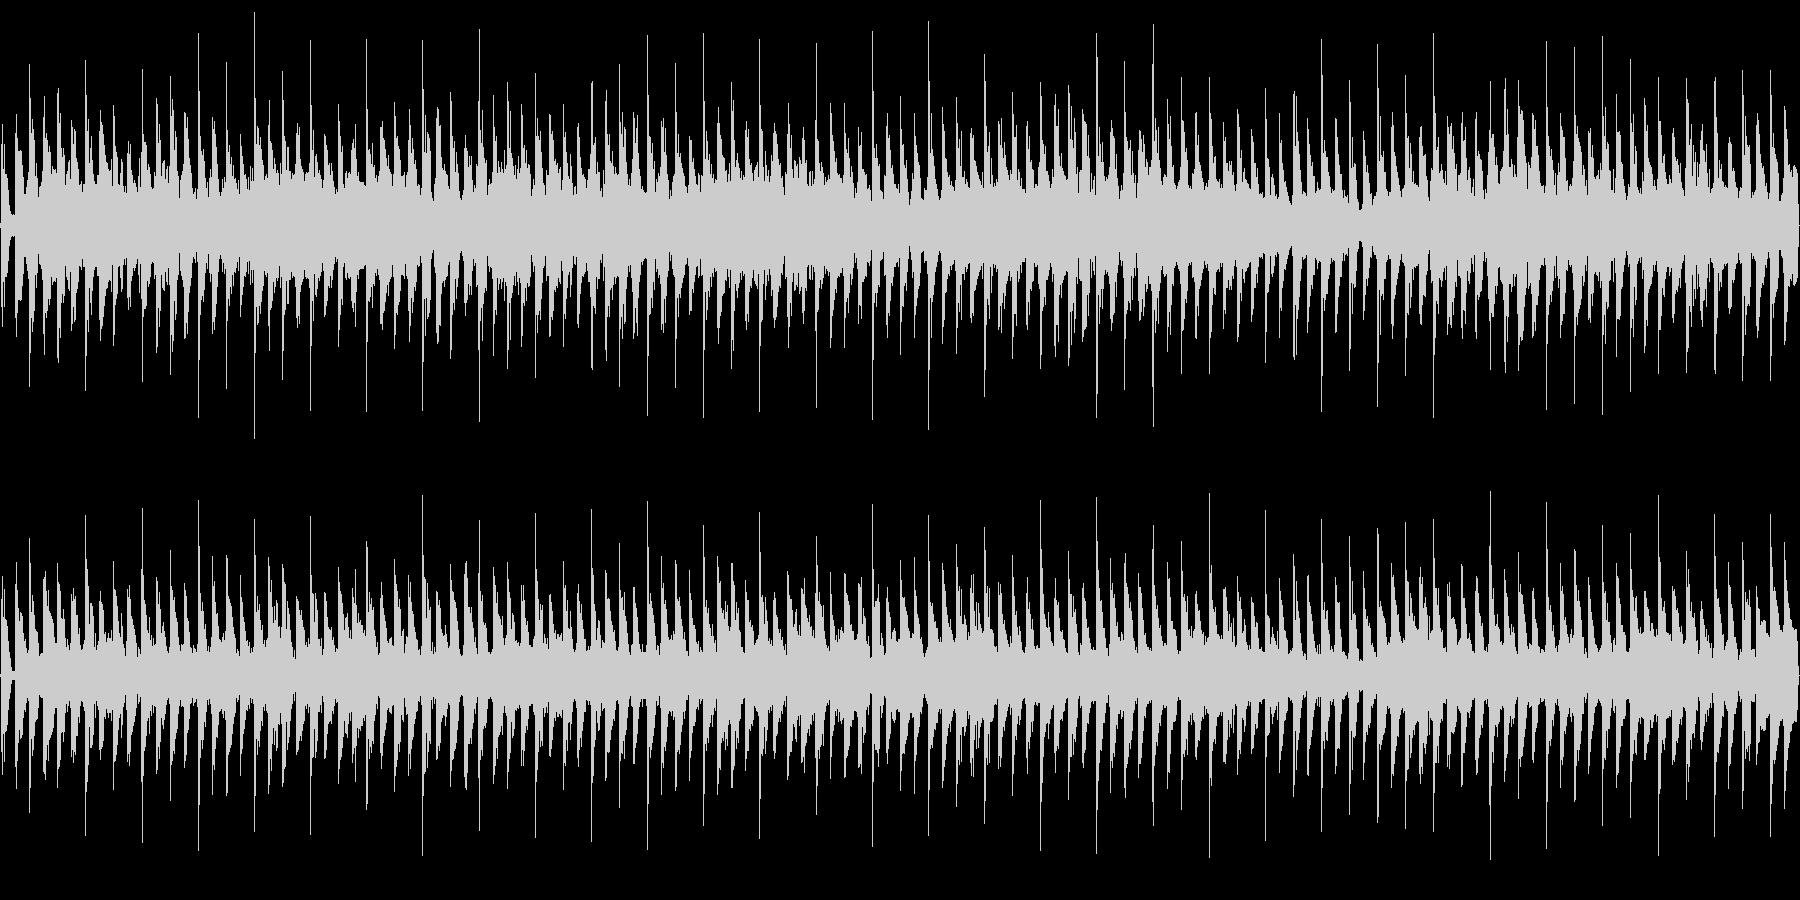 パズル想定のループ可4つ打ちテクノポップの未再生の波形